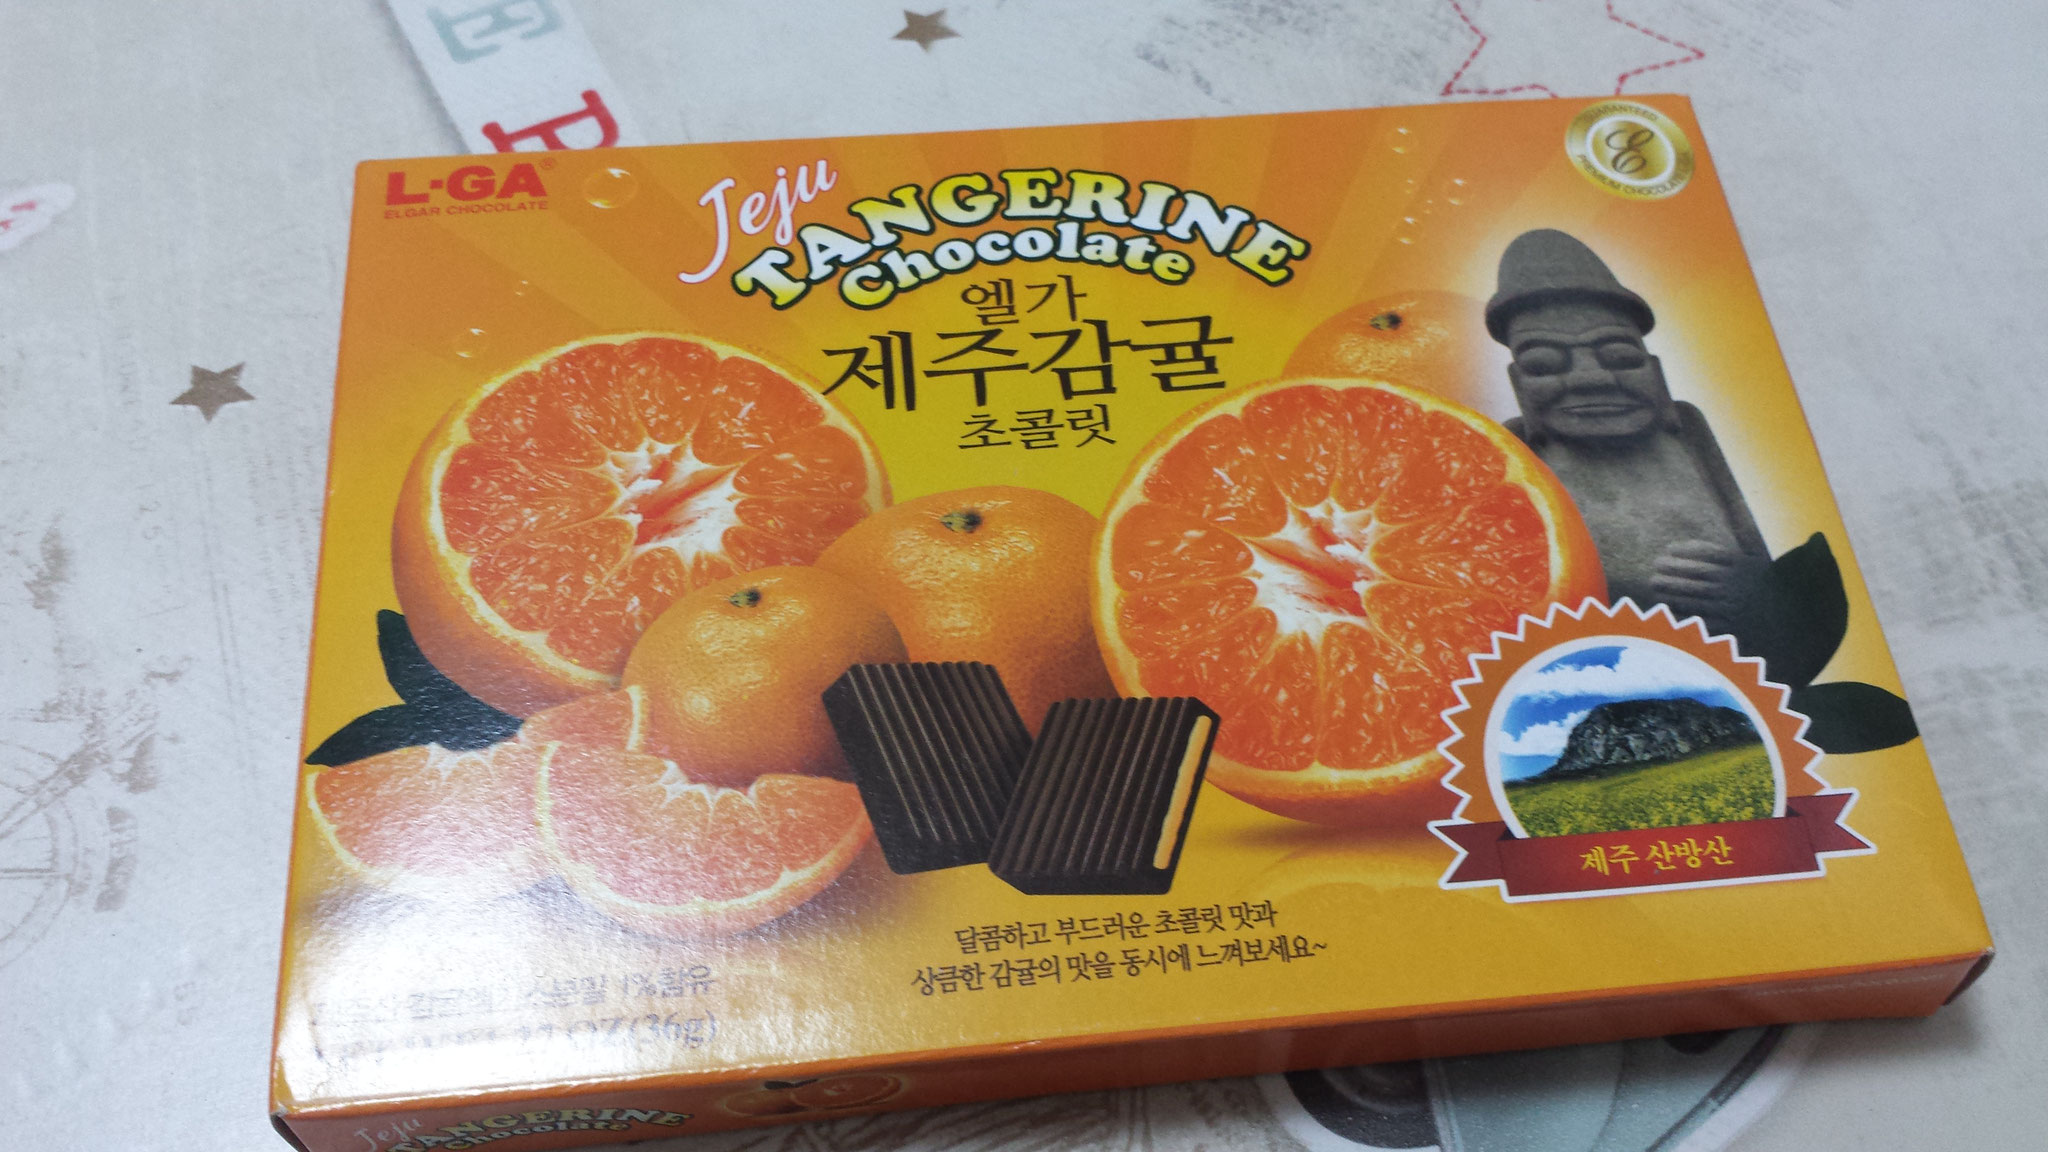 Des chocolats à l'orange, souvenirs de Corée du Sud